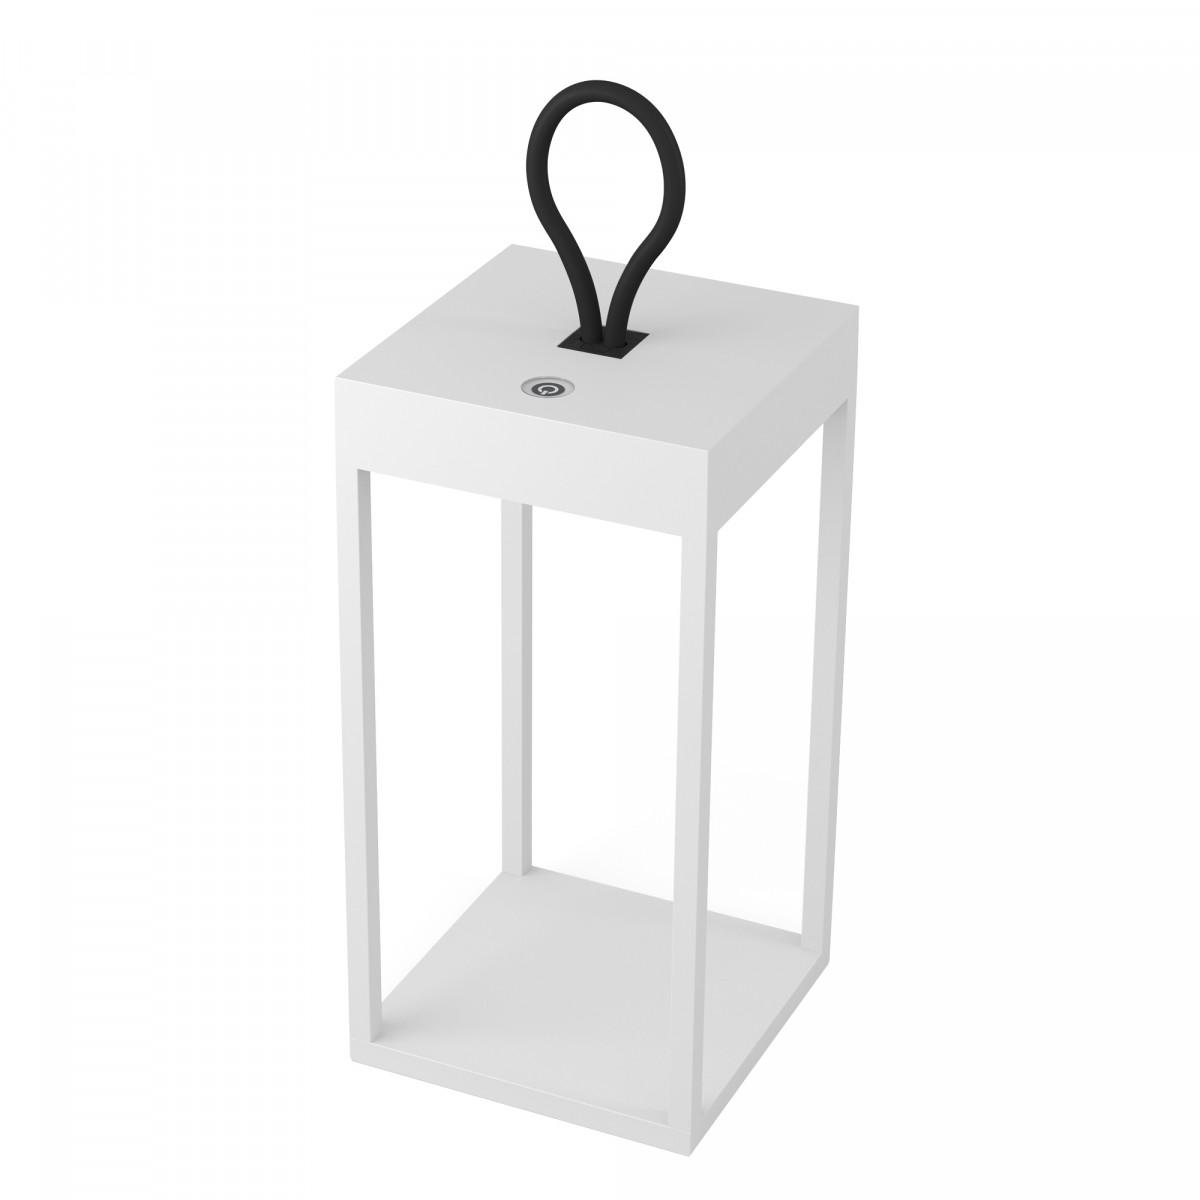 Windlicht Carlo Touch wit oplaadbaar met USB